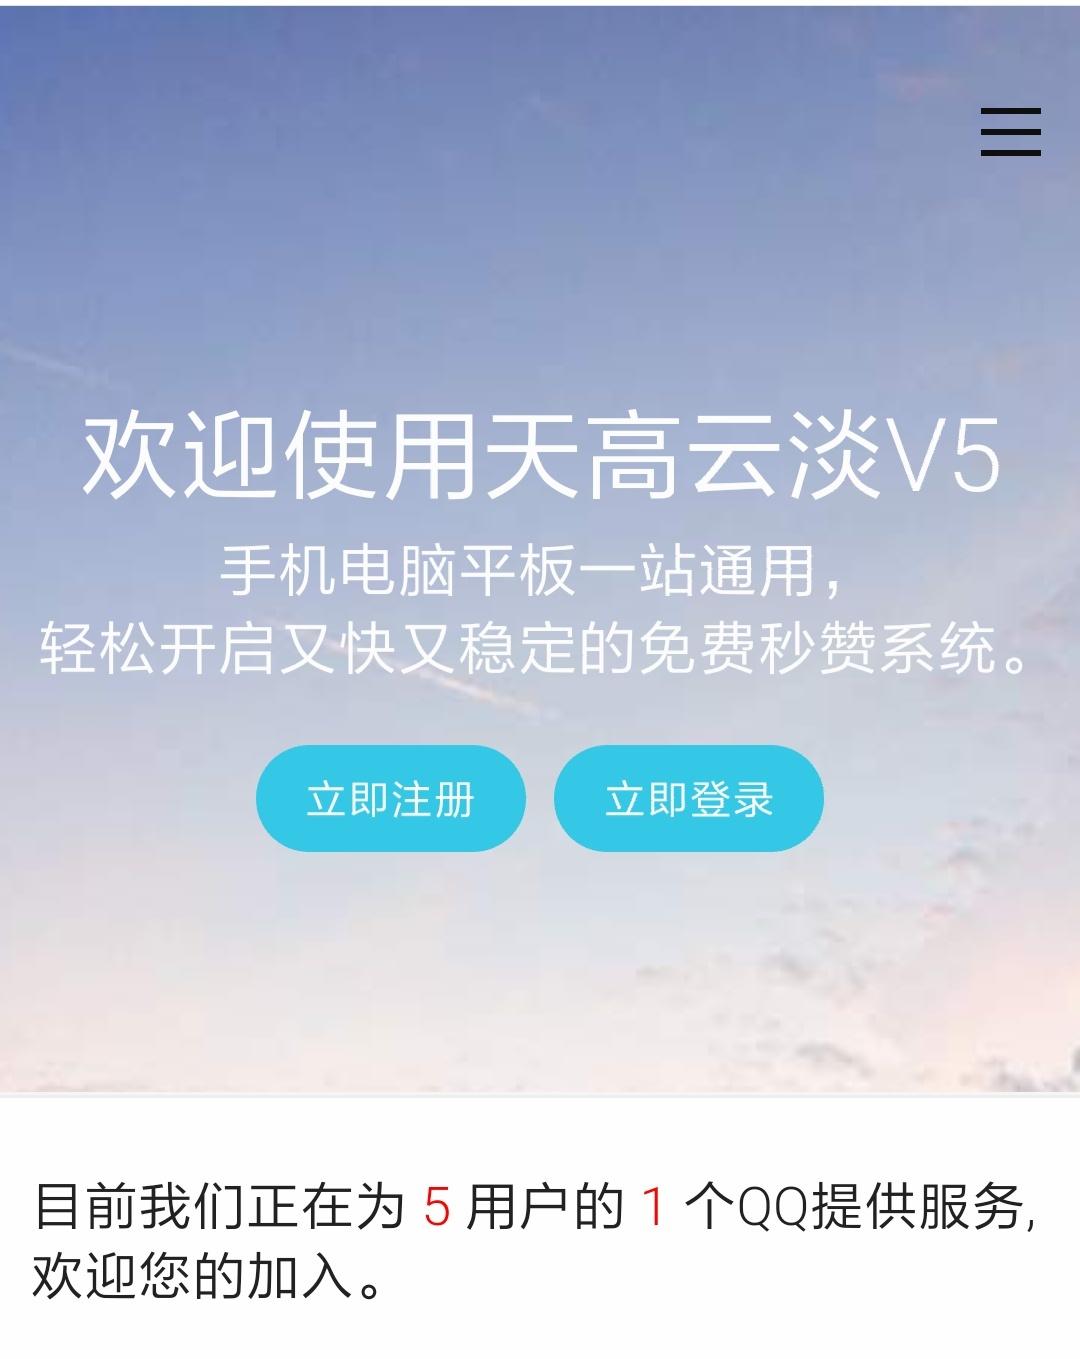 最新天高云淡秒赞程序无加密免费开源